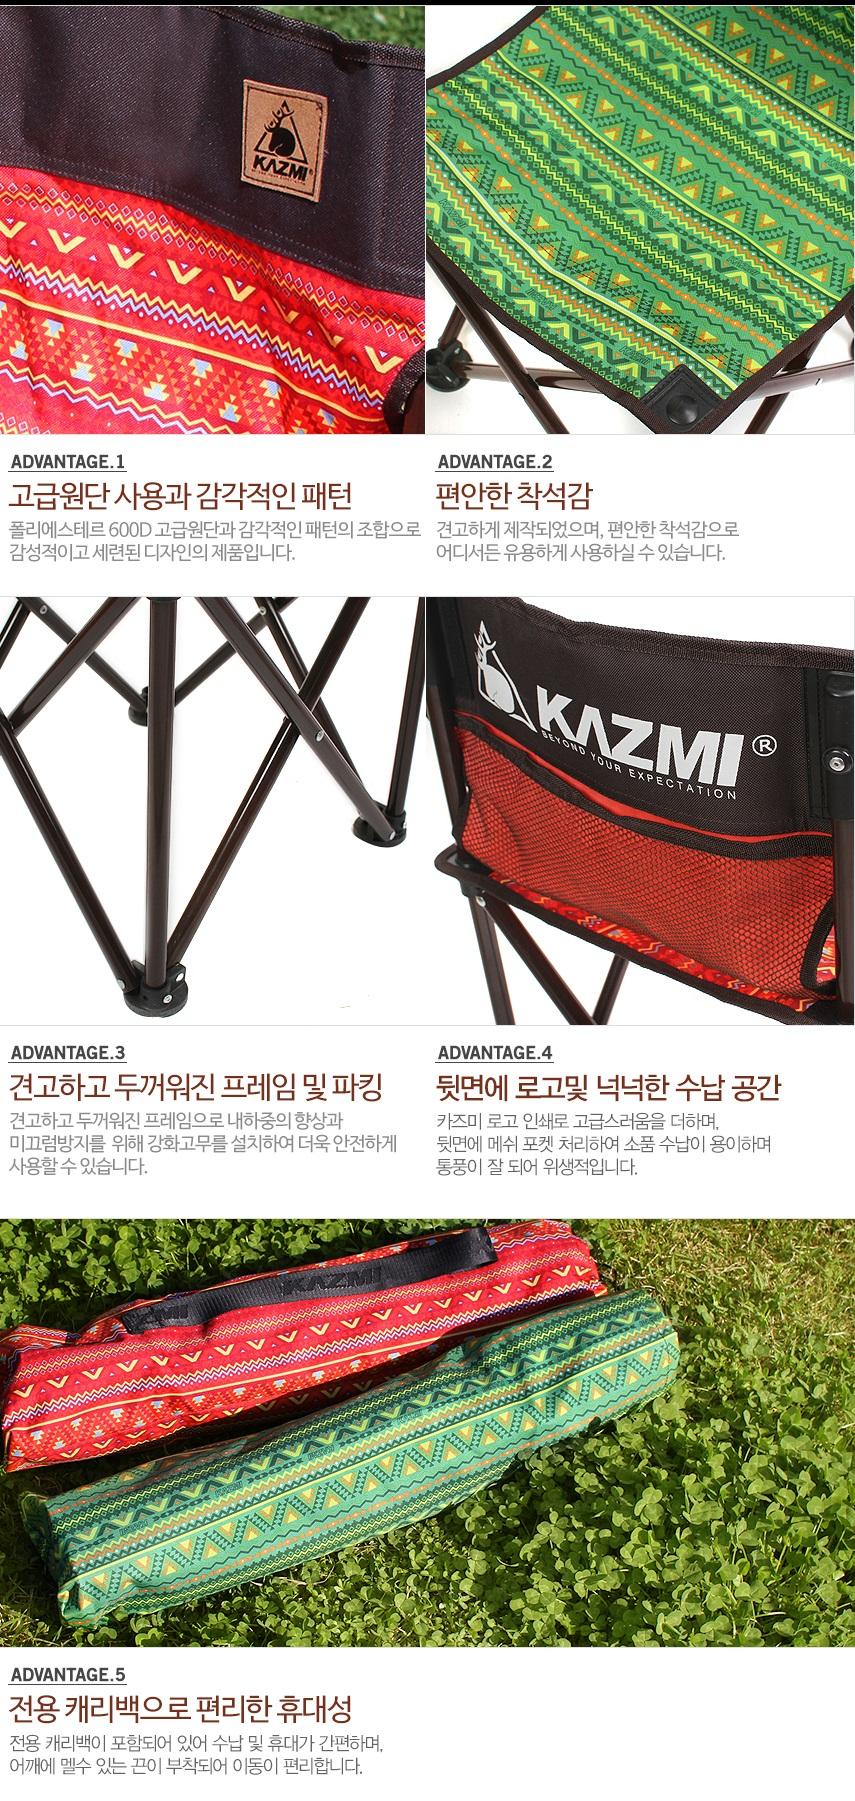 chất liệu bền chắc của ghế xếp vải dù kazmi